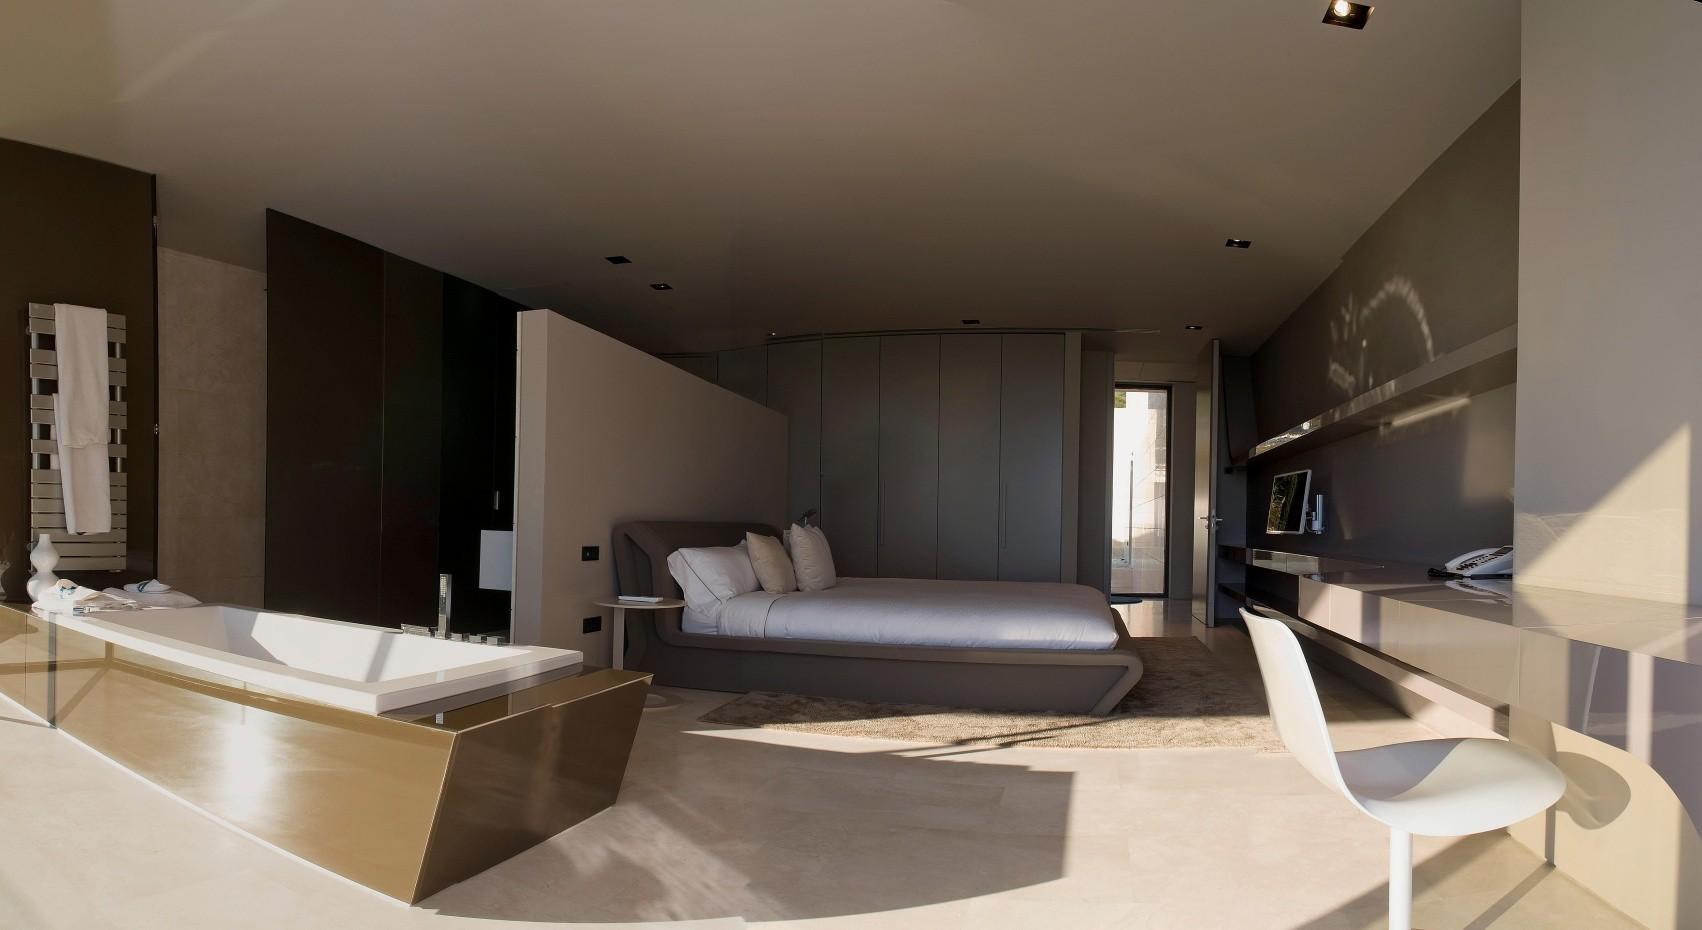 1223 - Espectacular, imponente y lujosa casa de diseño en Puerto Banús (Marbella, Costa del Sol)